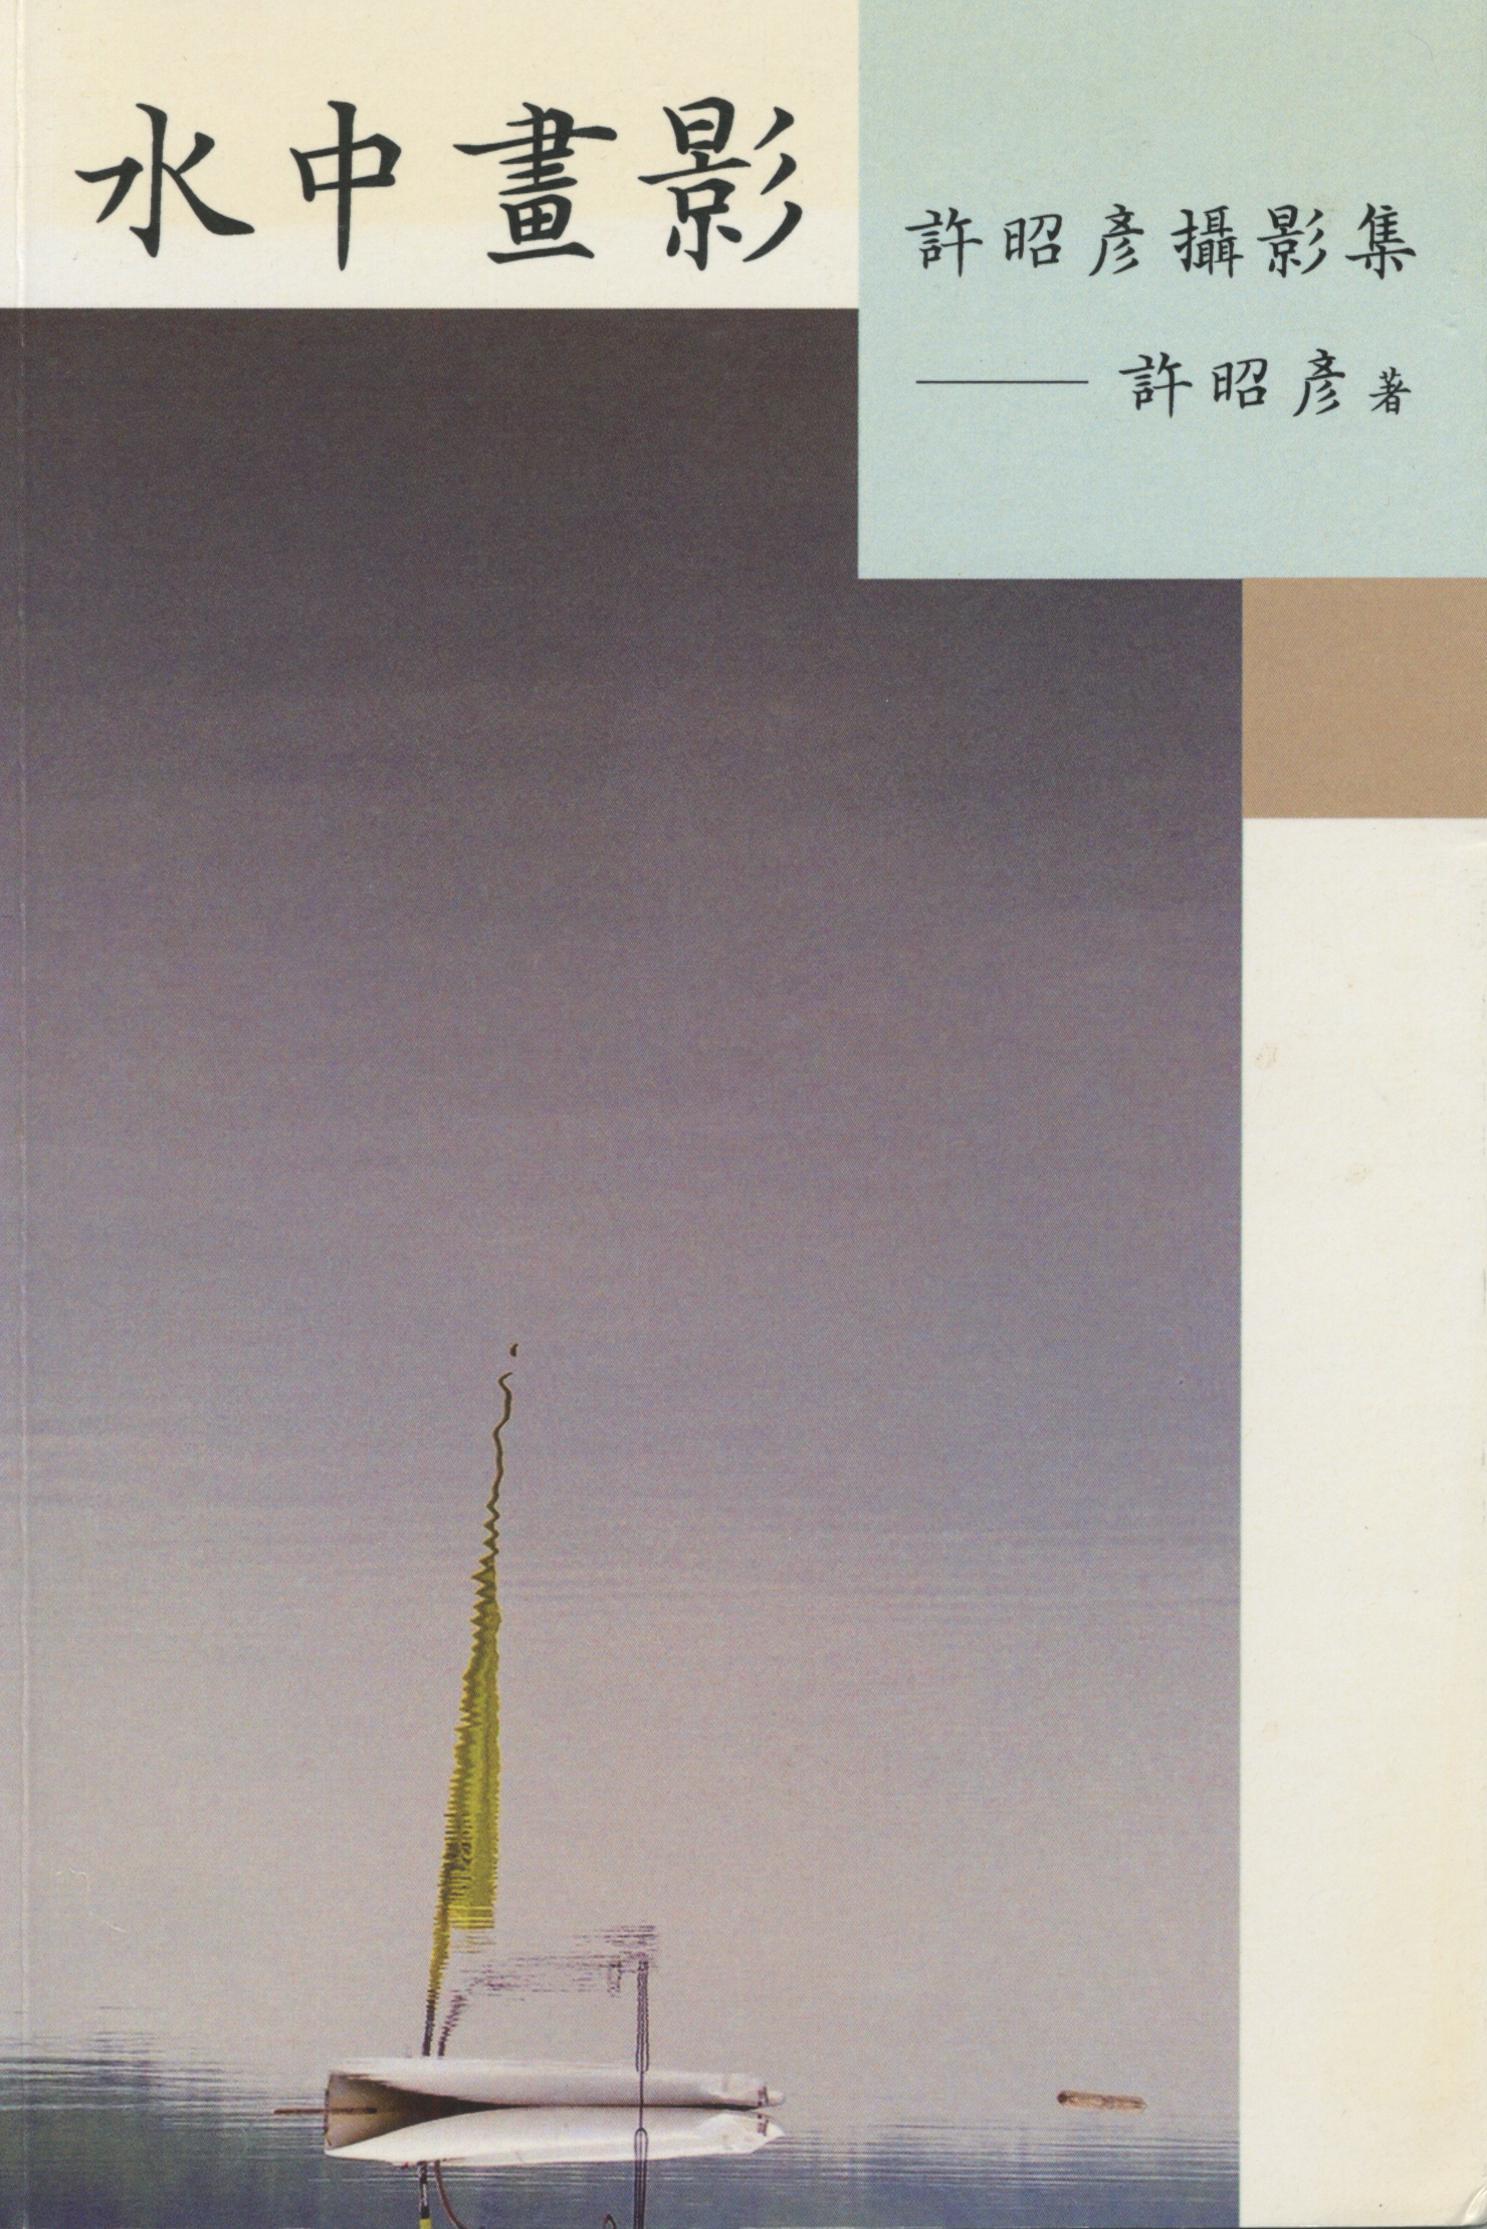 1289. 水中畫影/許昭彥/2015